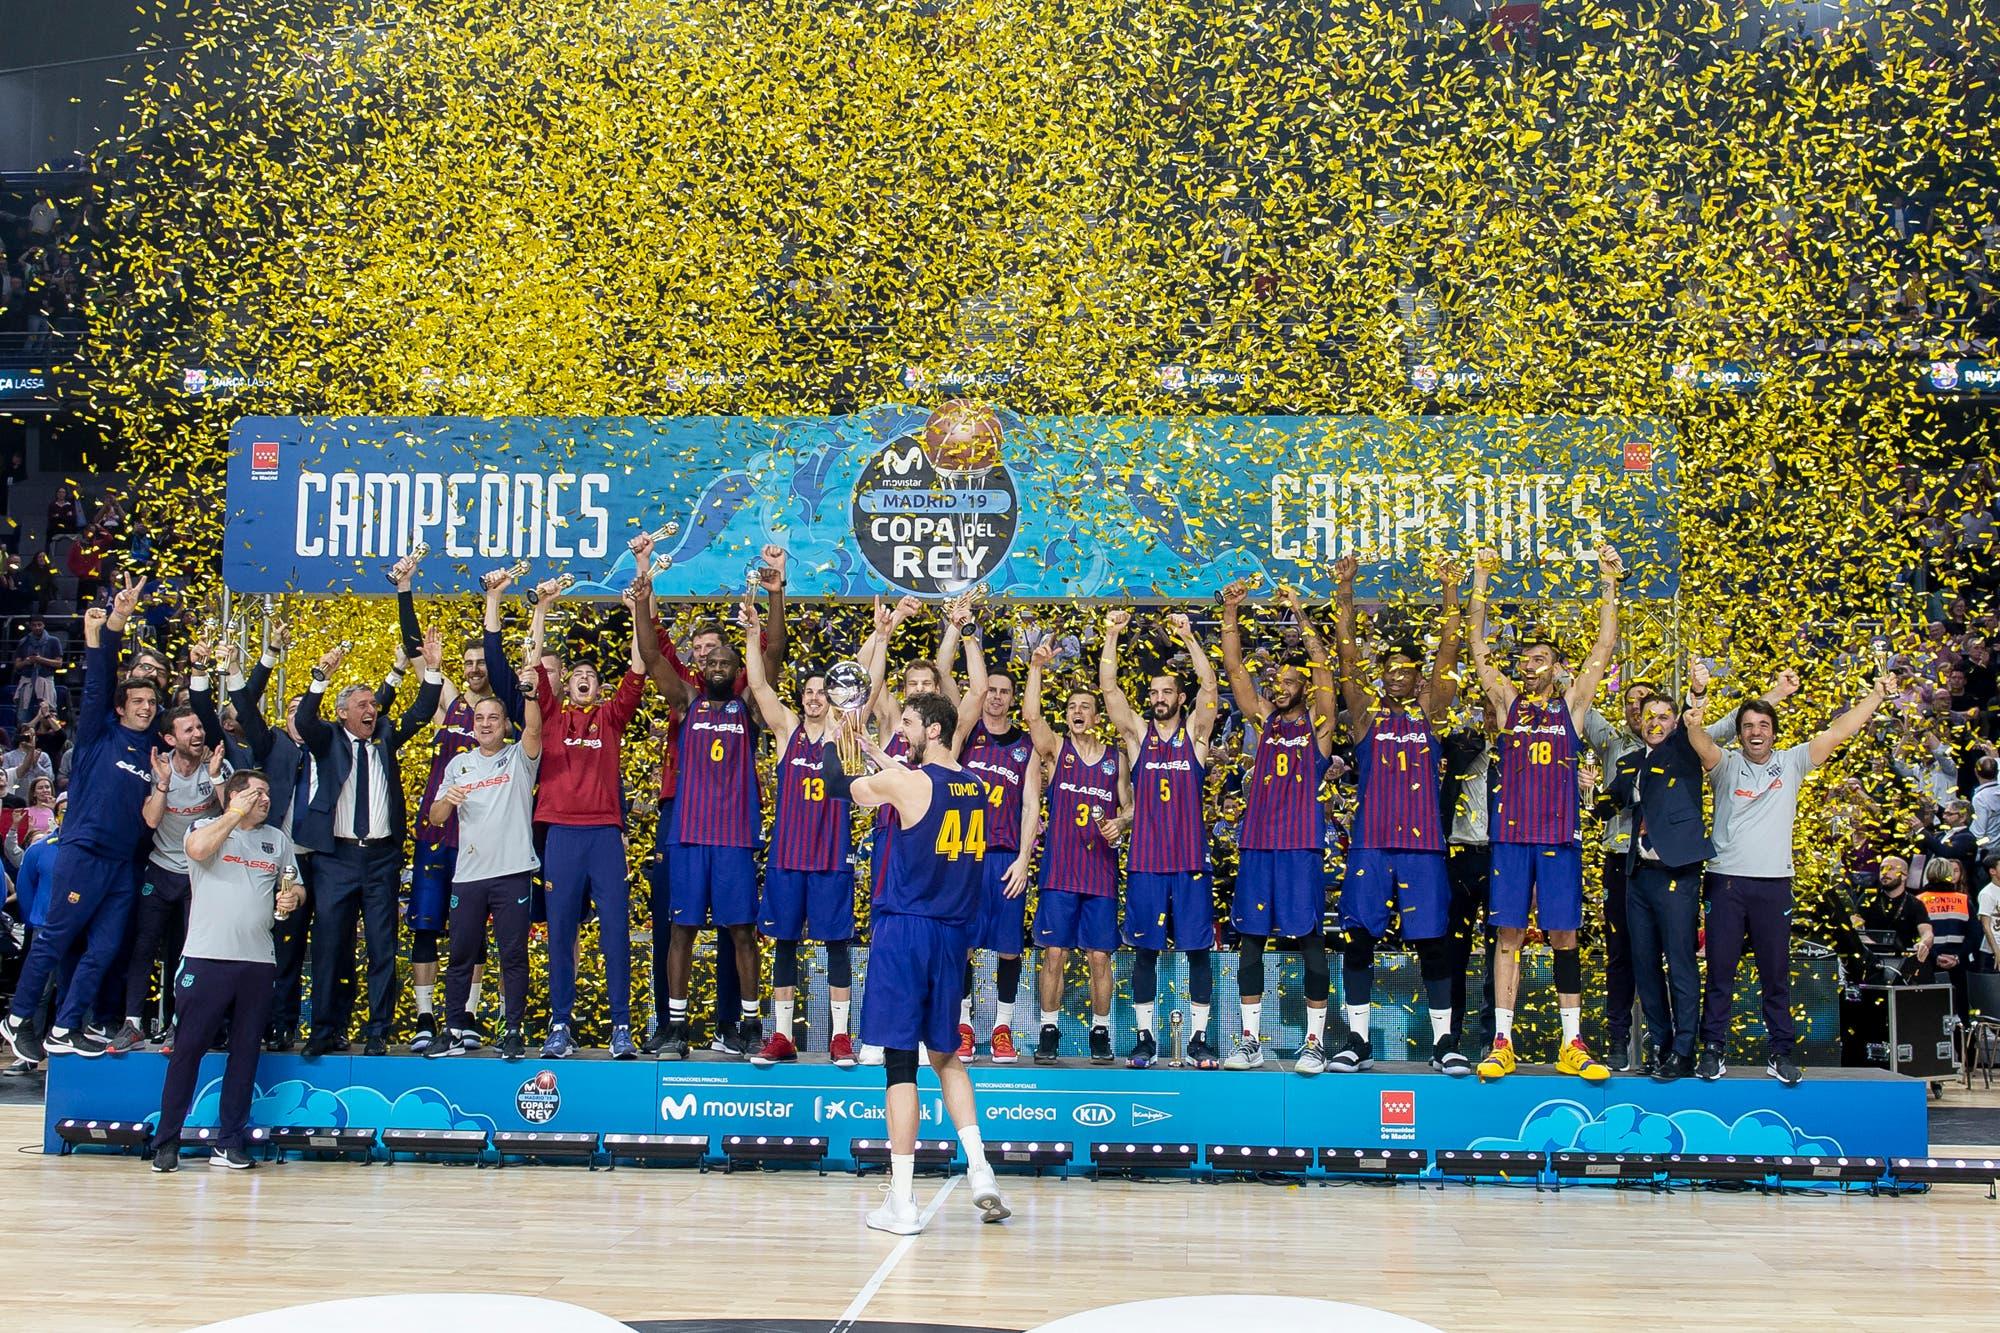 En un final épico y con polémicas, Barcelona le arrebató a Real Madrid la Copa del Rey de básquetbol